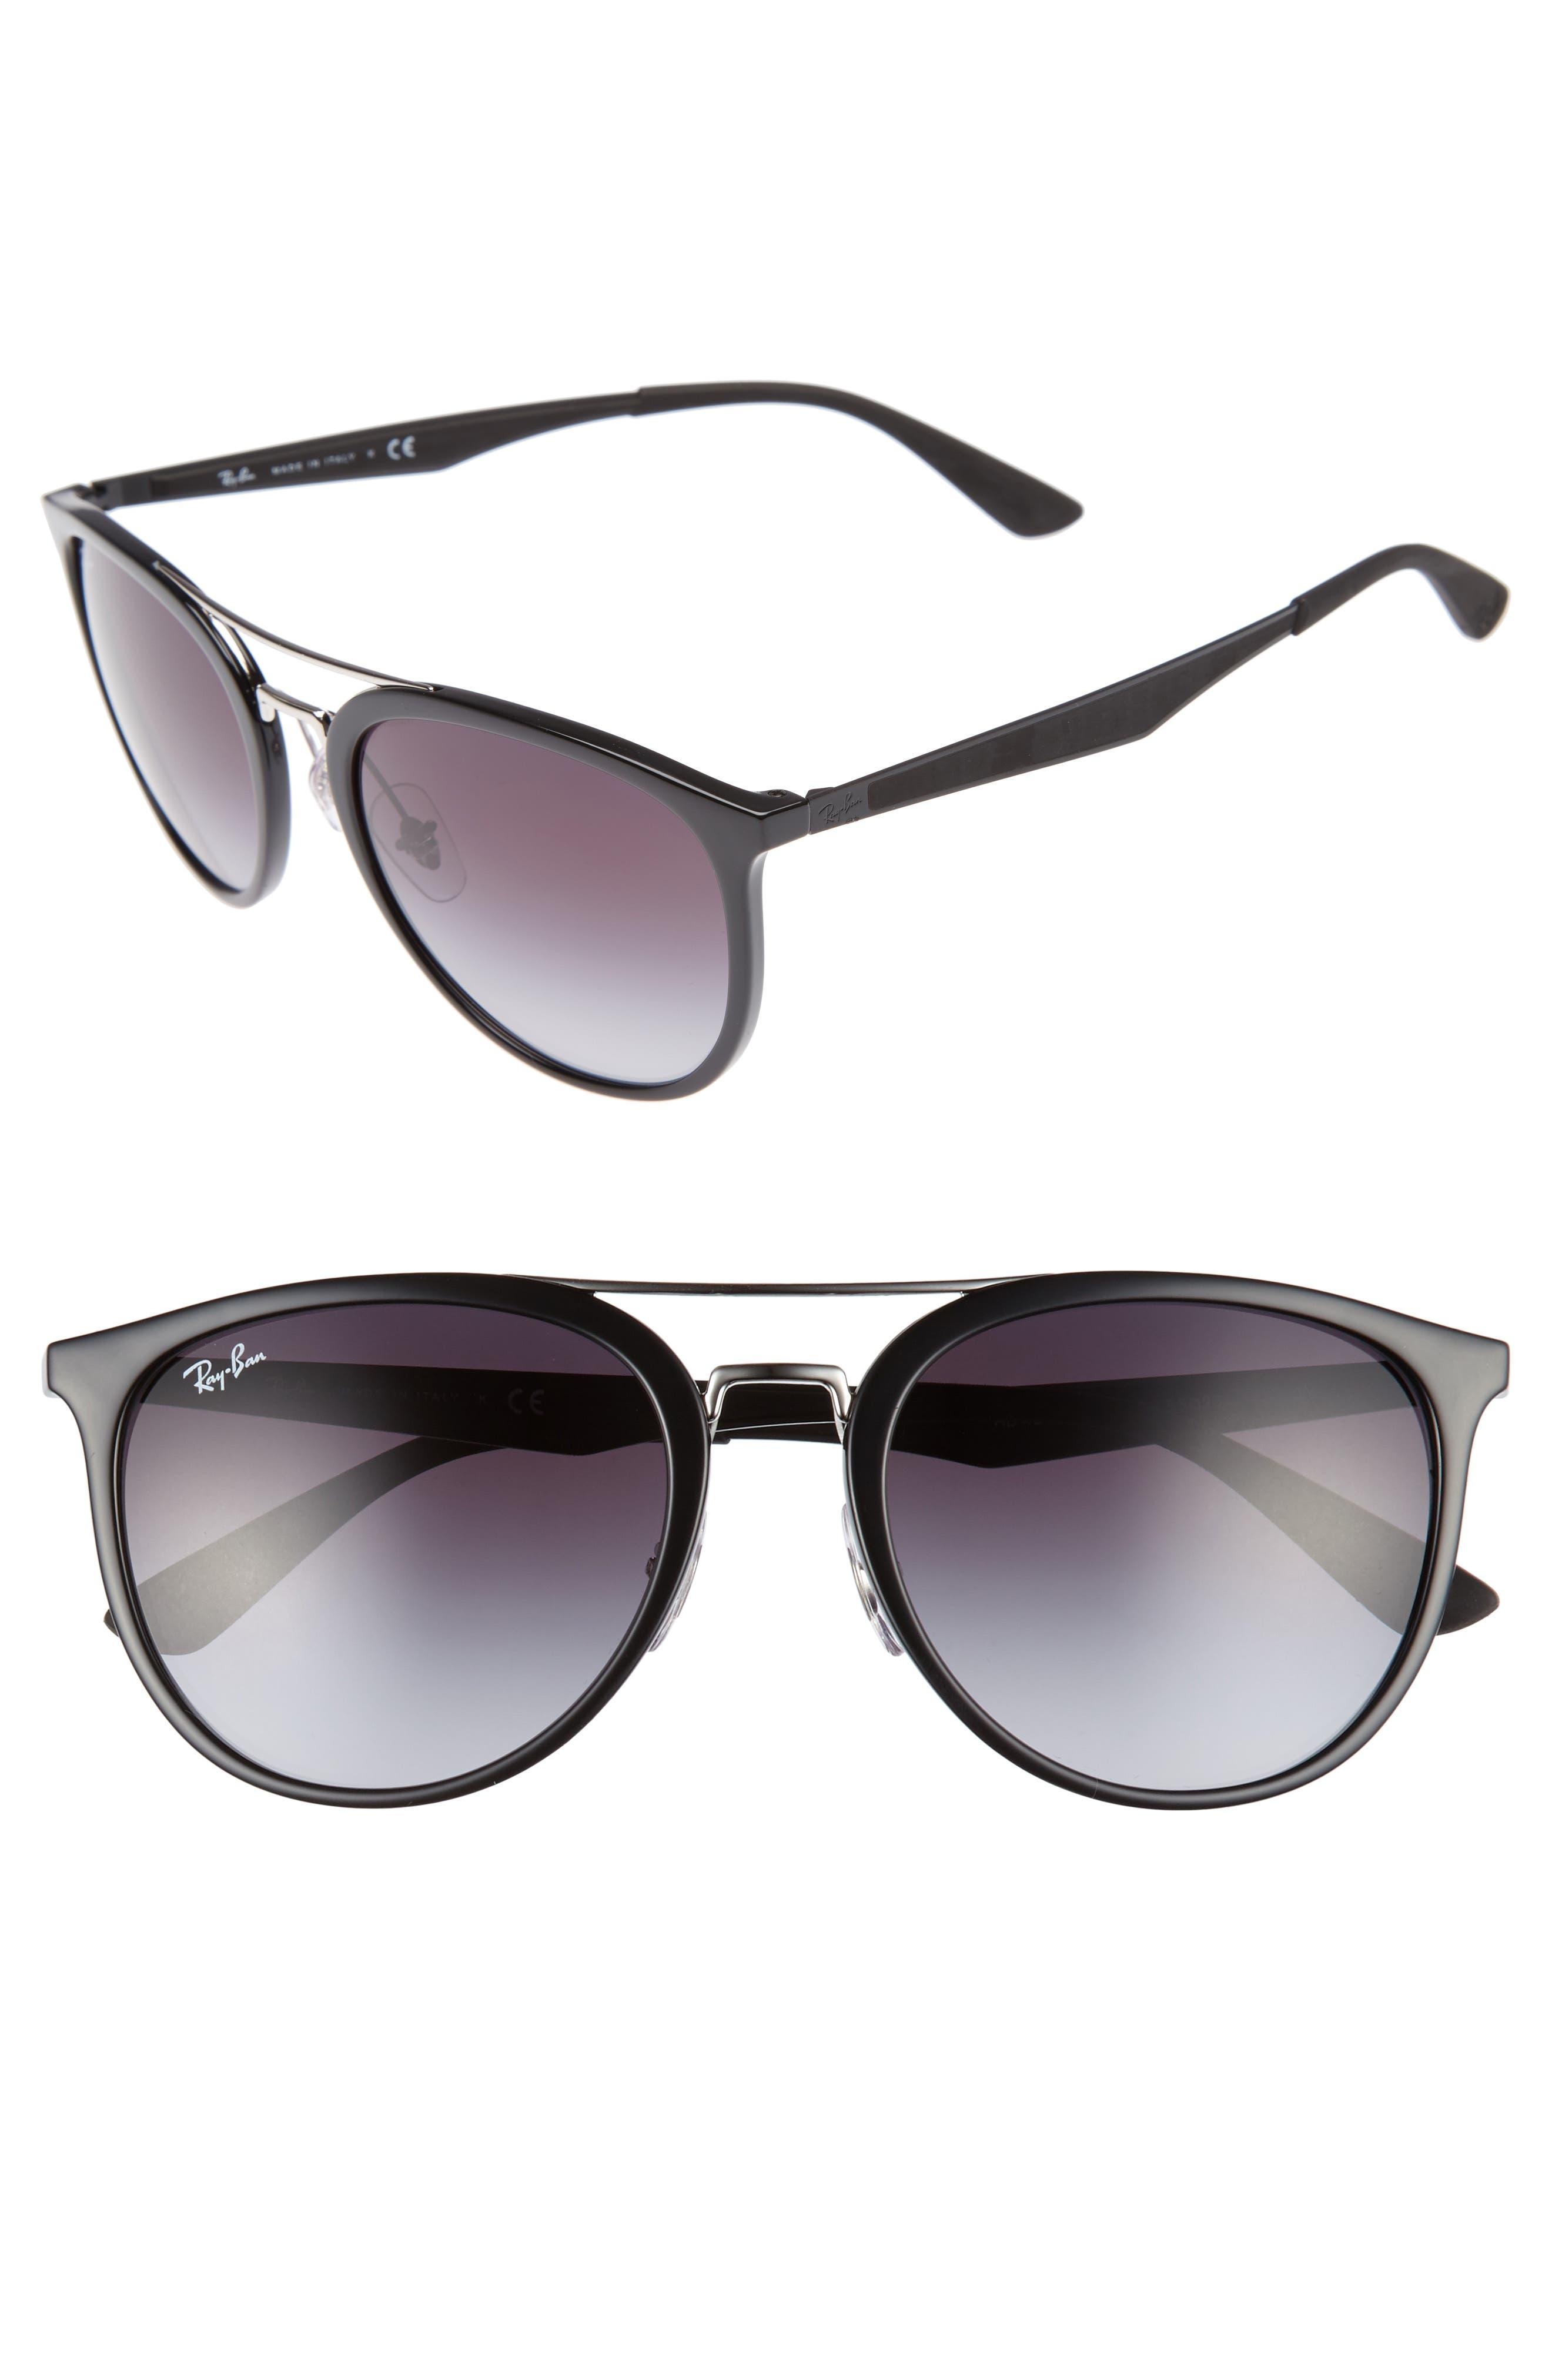 55mm Gradient Lens Sunglasses,                             Main thumbnail 1, color,                             Black